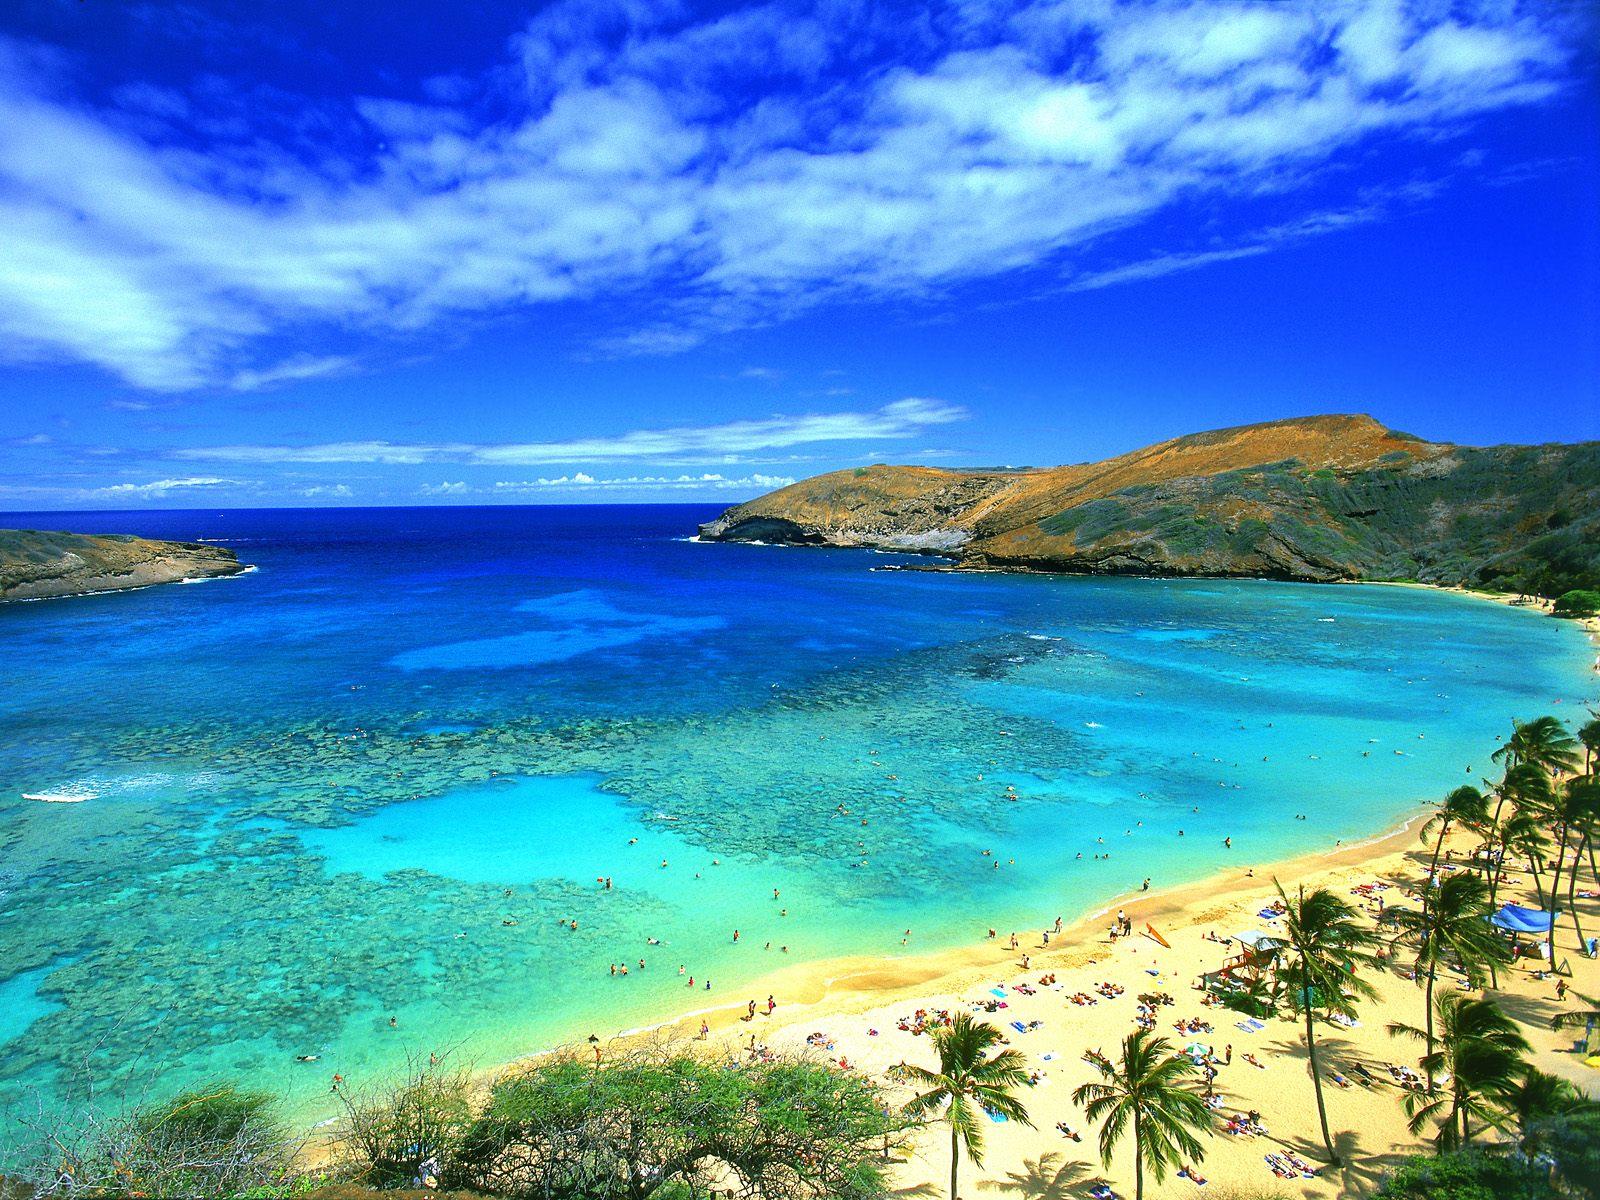 Hawaii Island Beautiful Wallpaper   PhotosJunction 1600x1200